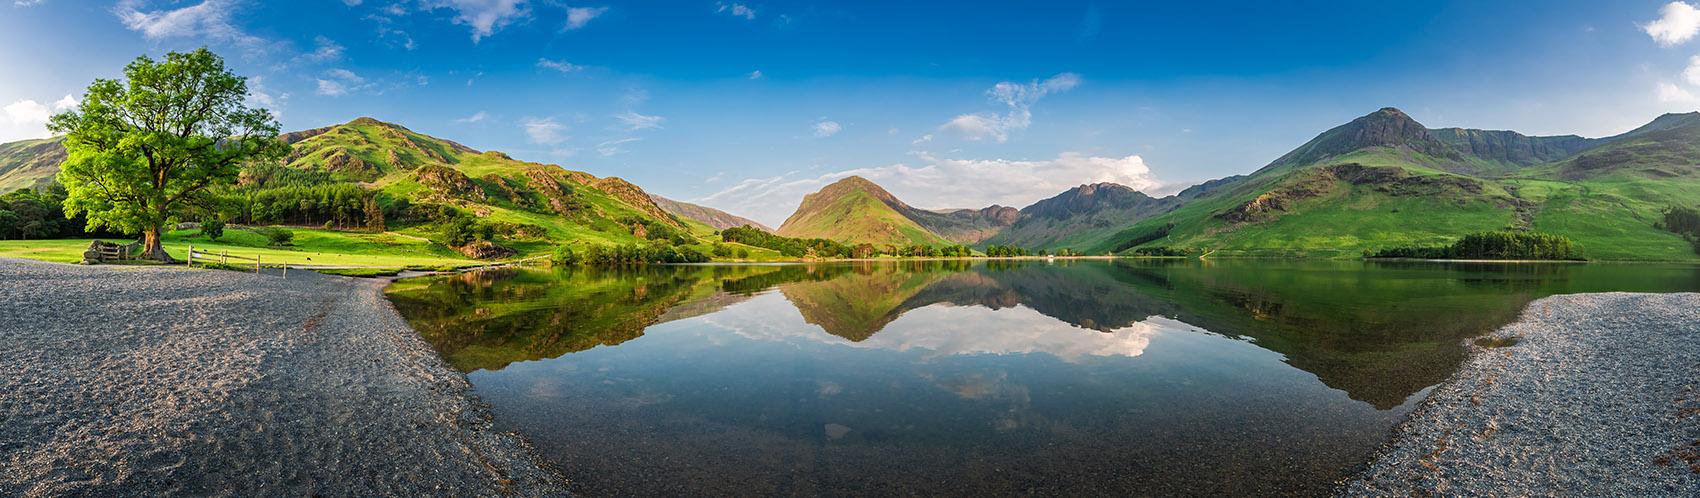 Carlisle Scenery Image